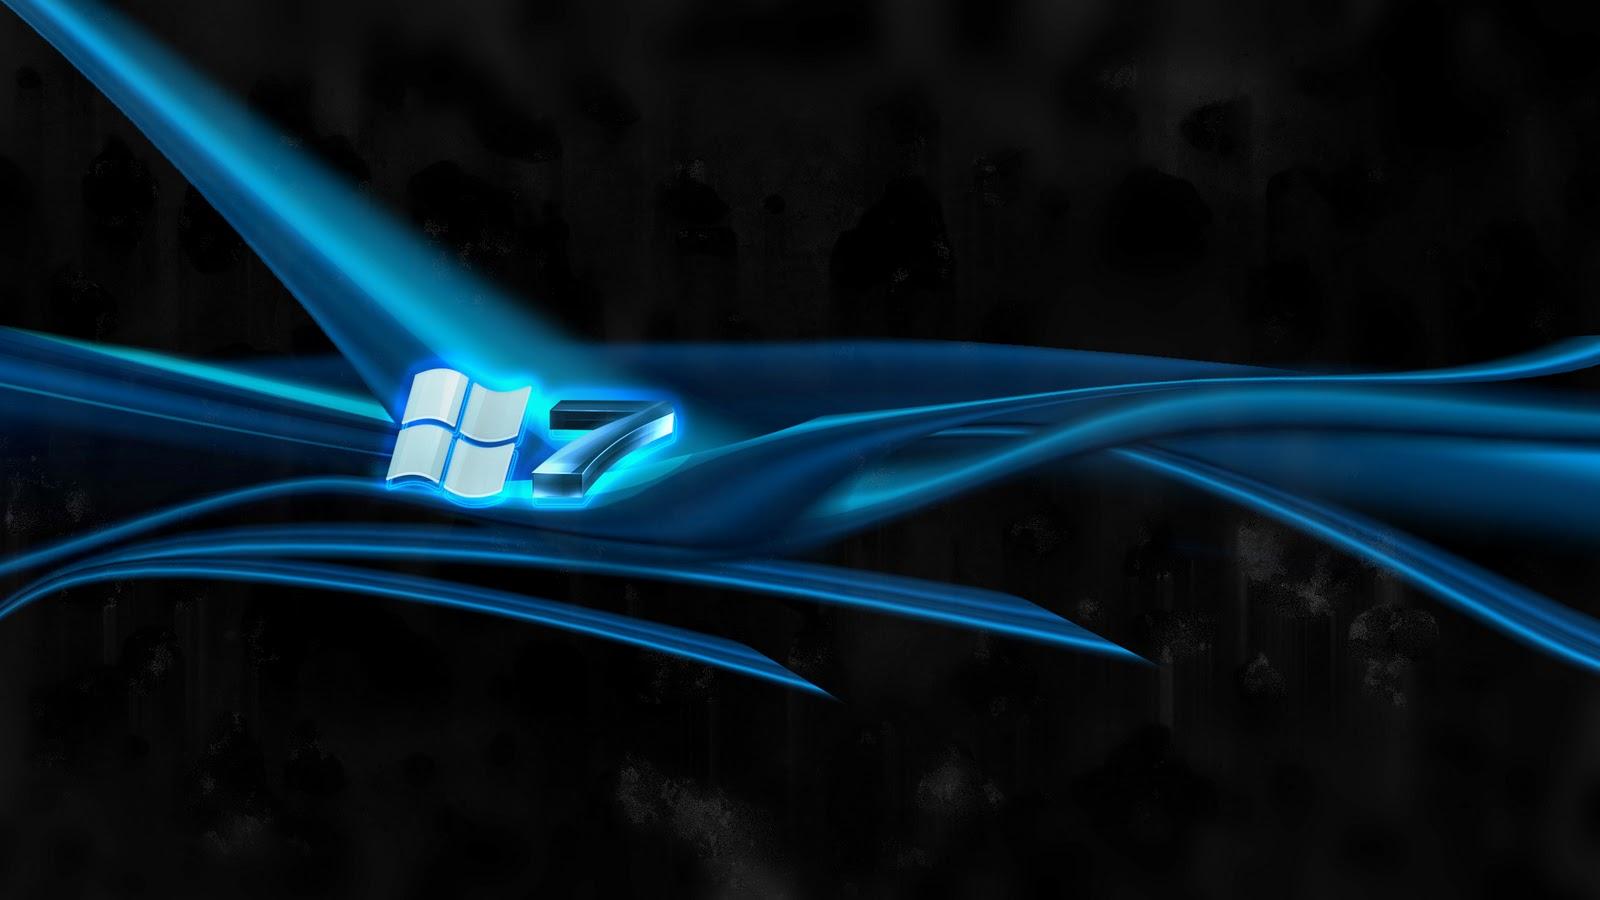 http://2.bp.blogspot.com/-Zrn8oBf3ptA/ToSJ889SQnI/AAAAAAAAAhs/-JX-IzBpn8Q/s1600/windows7hdwallpaper003.jpg